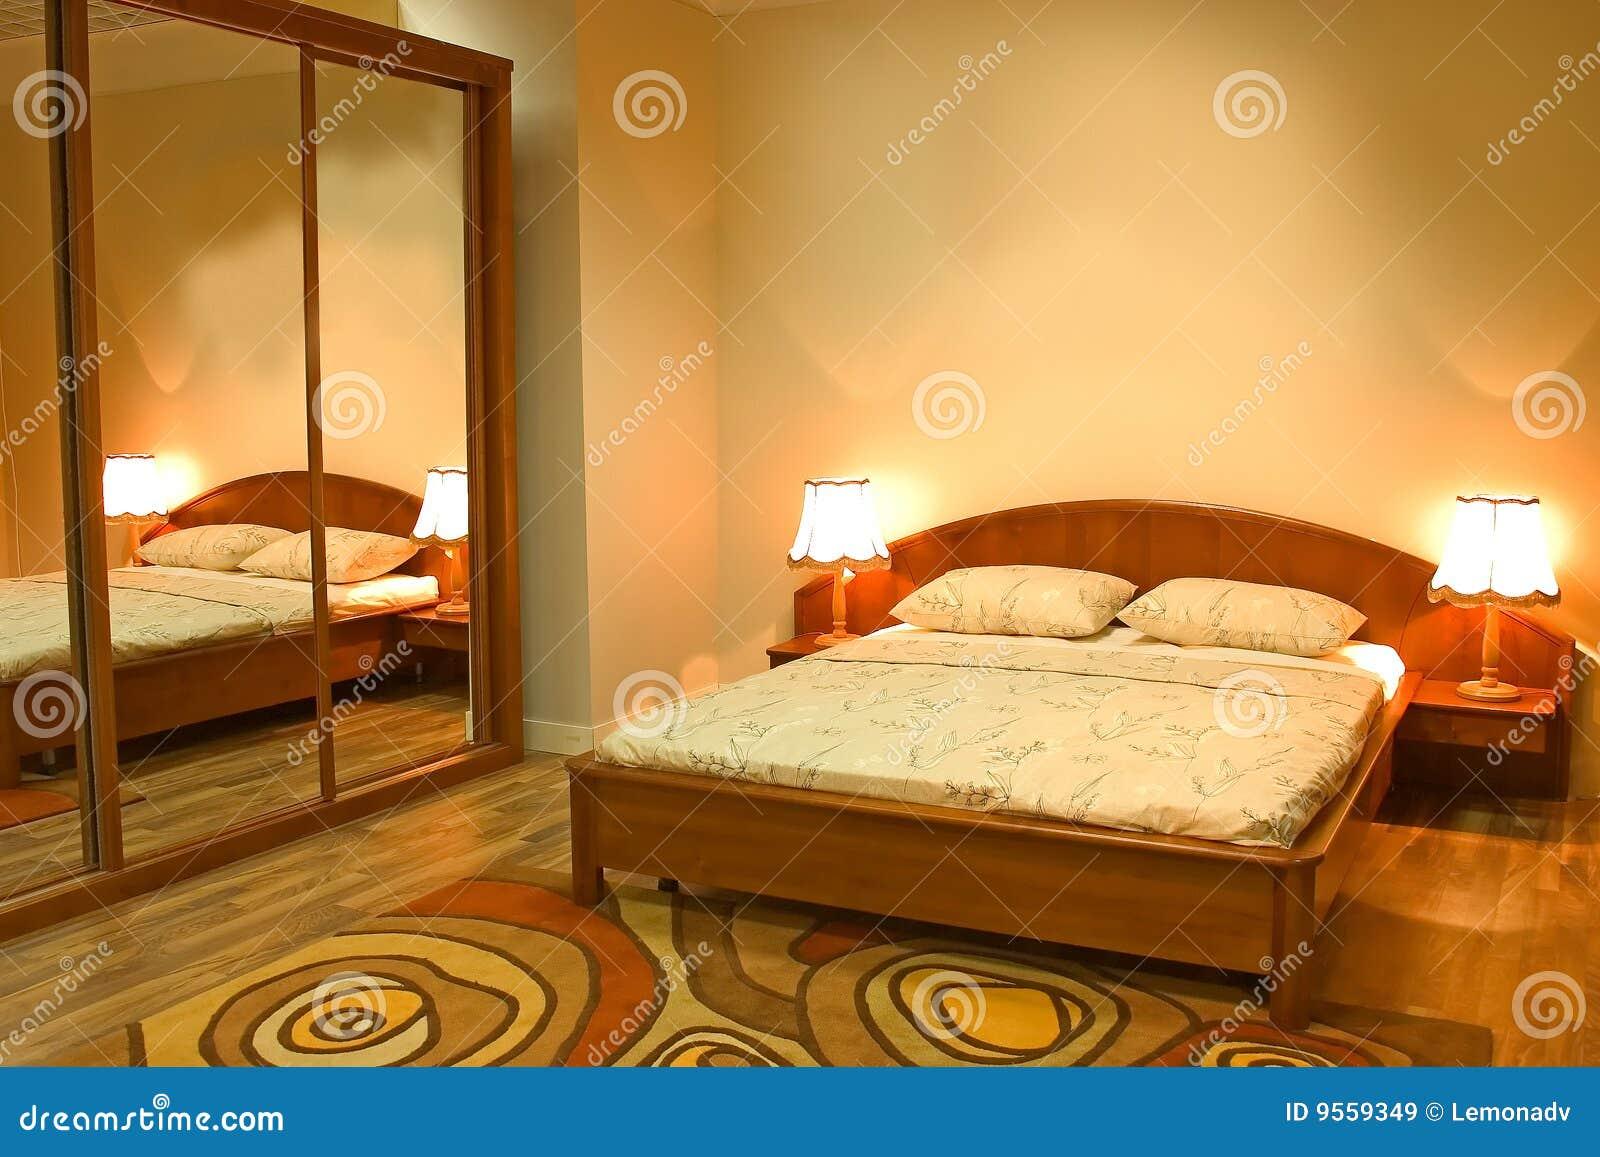 Camera da letto calda immagini stock libere da diritti for Disegni della camera da letto della spiaggia